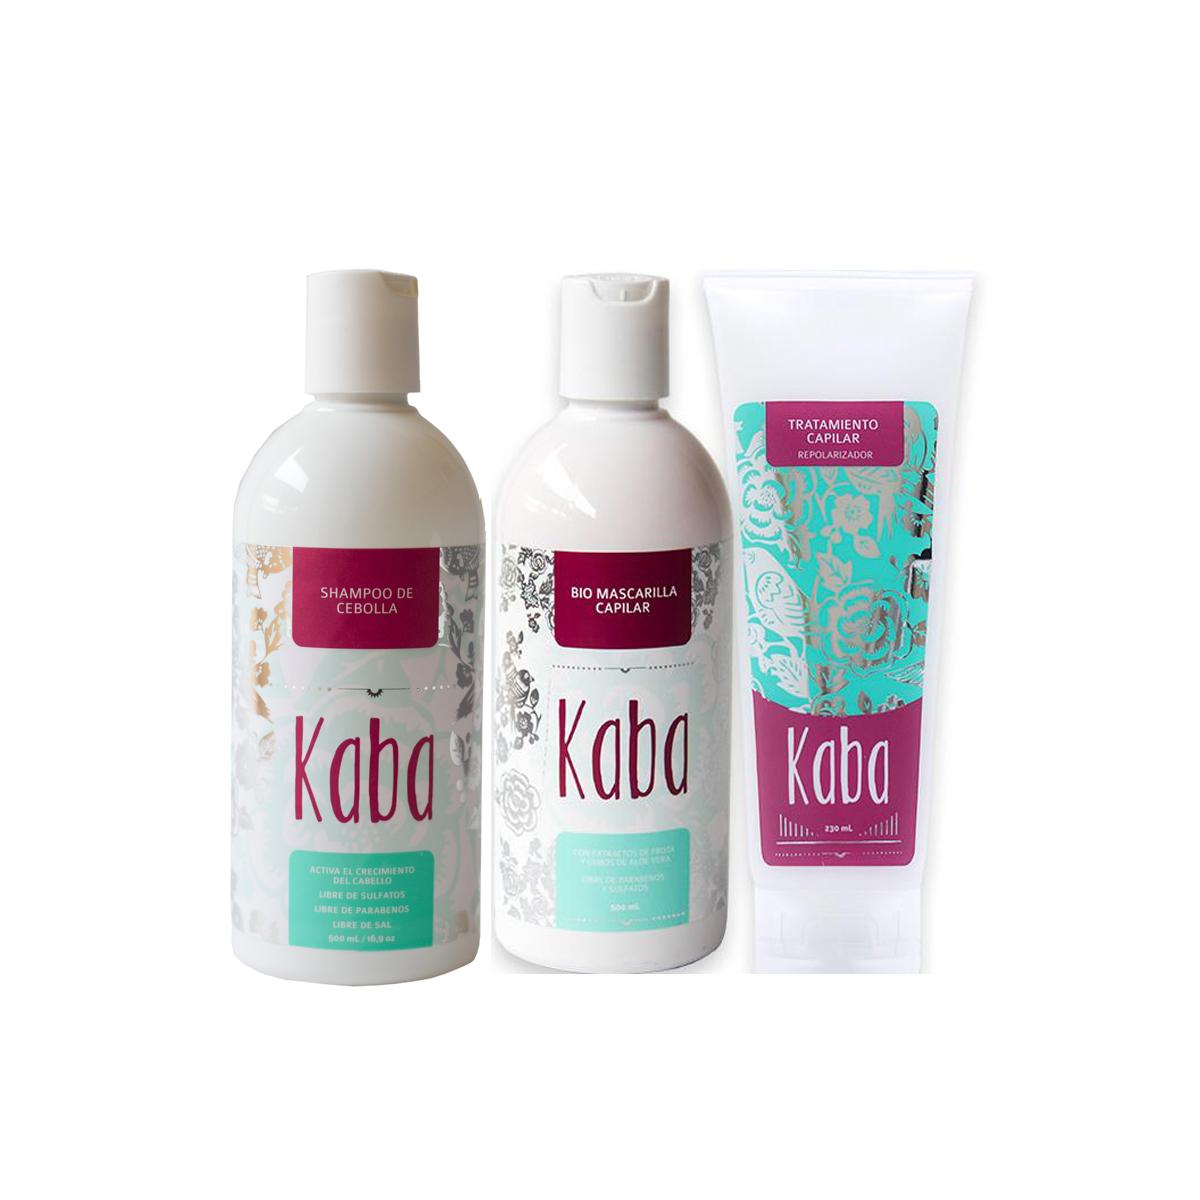 Kit Crecimiento Intensivo y Reparación Kaba